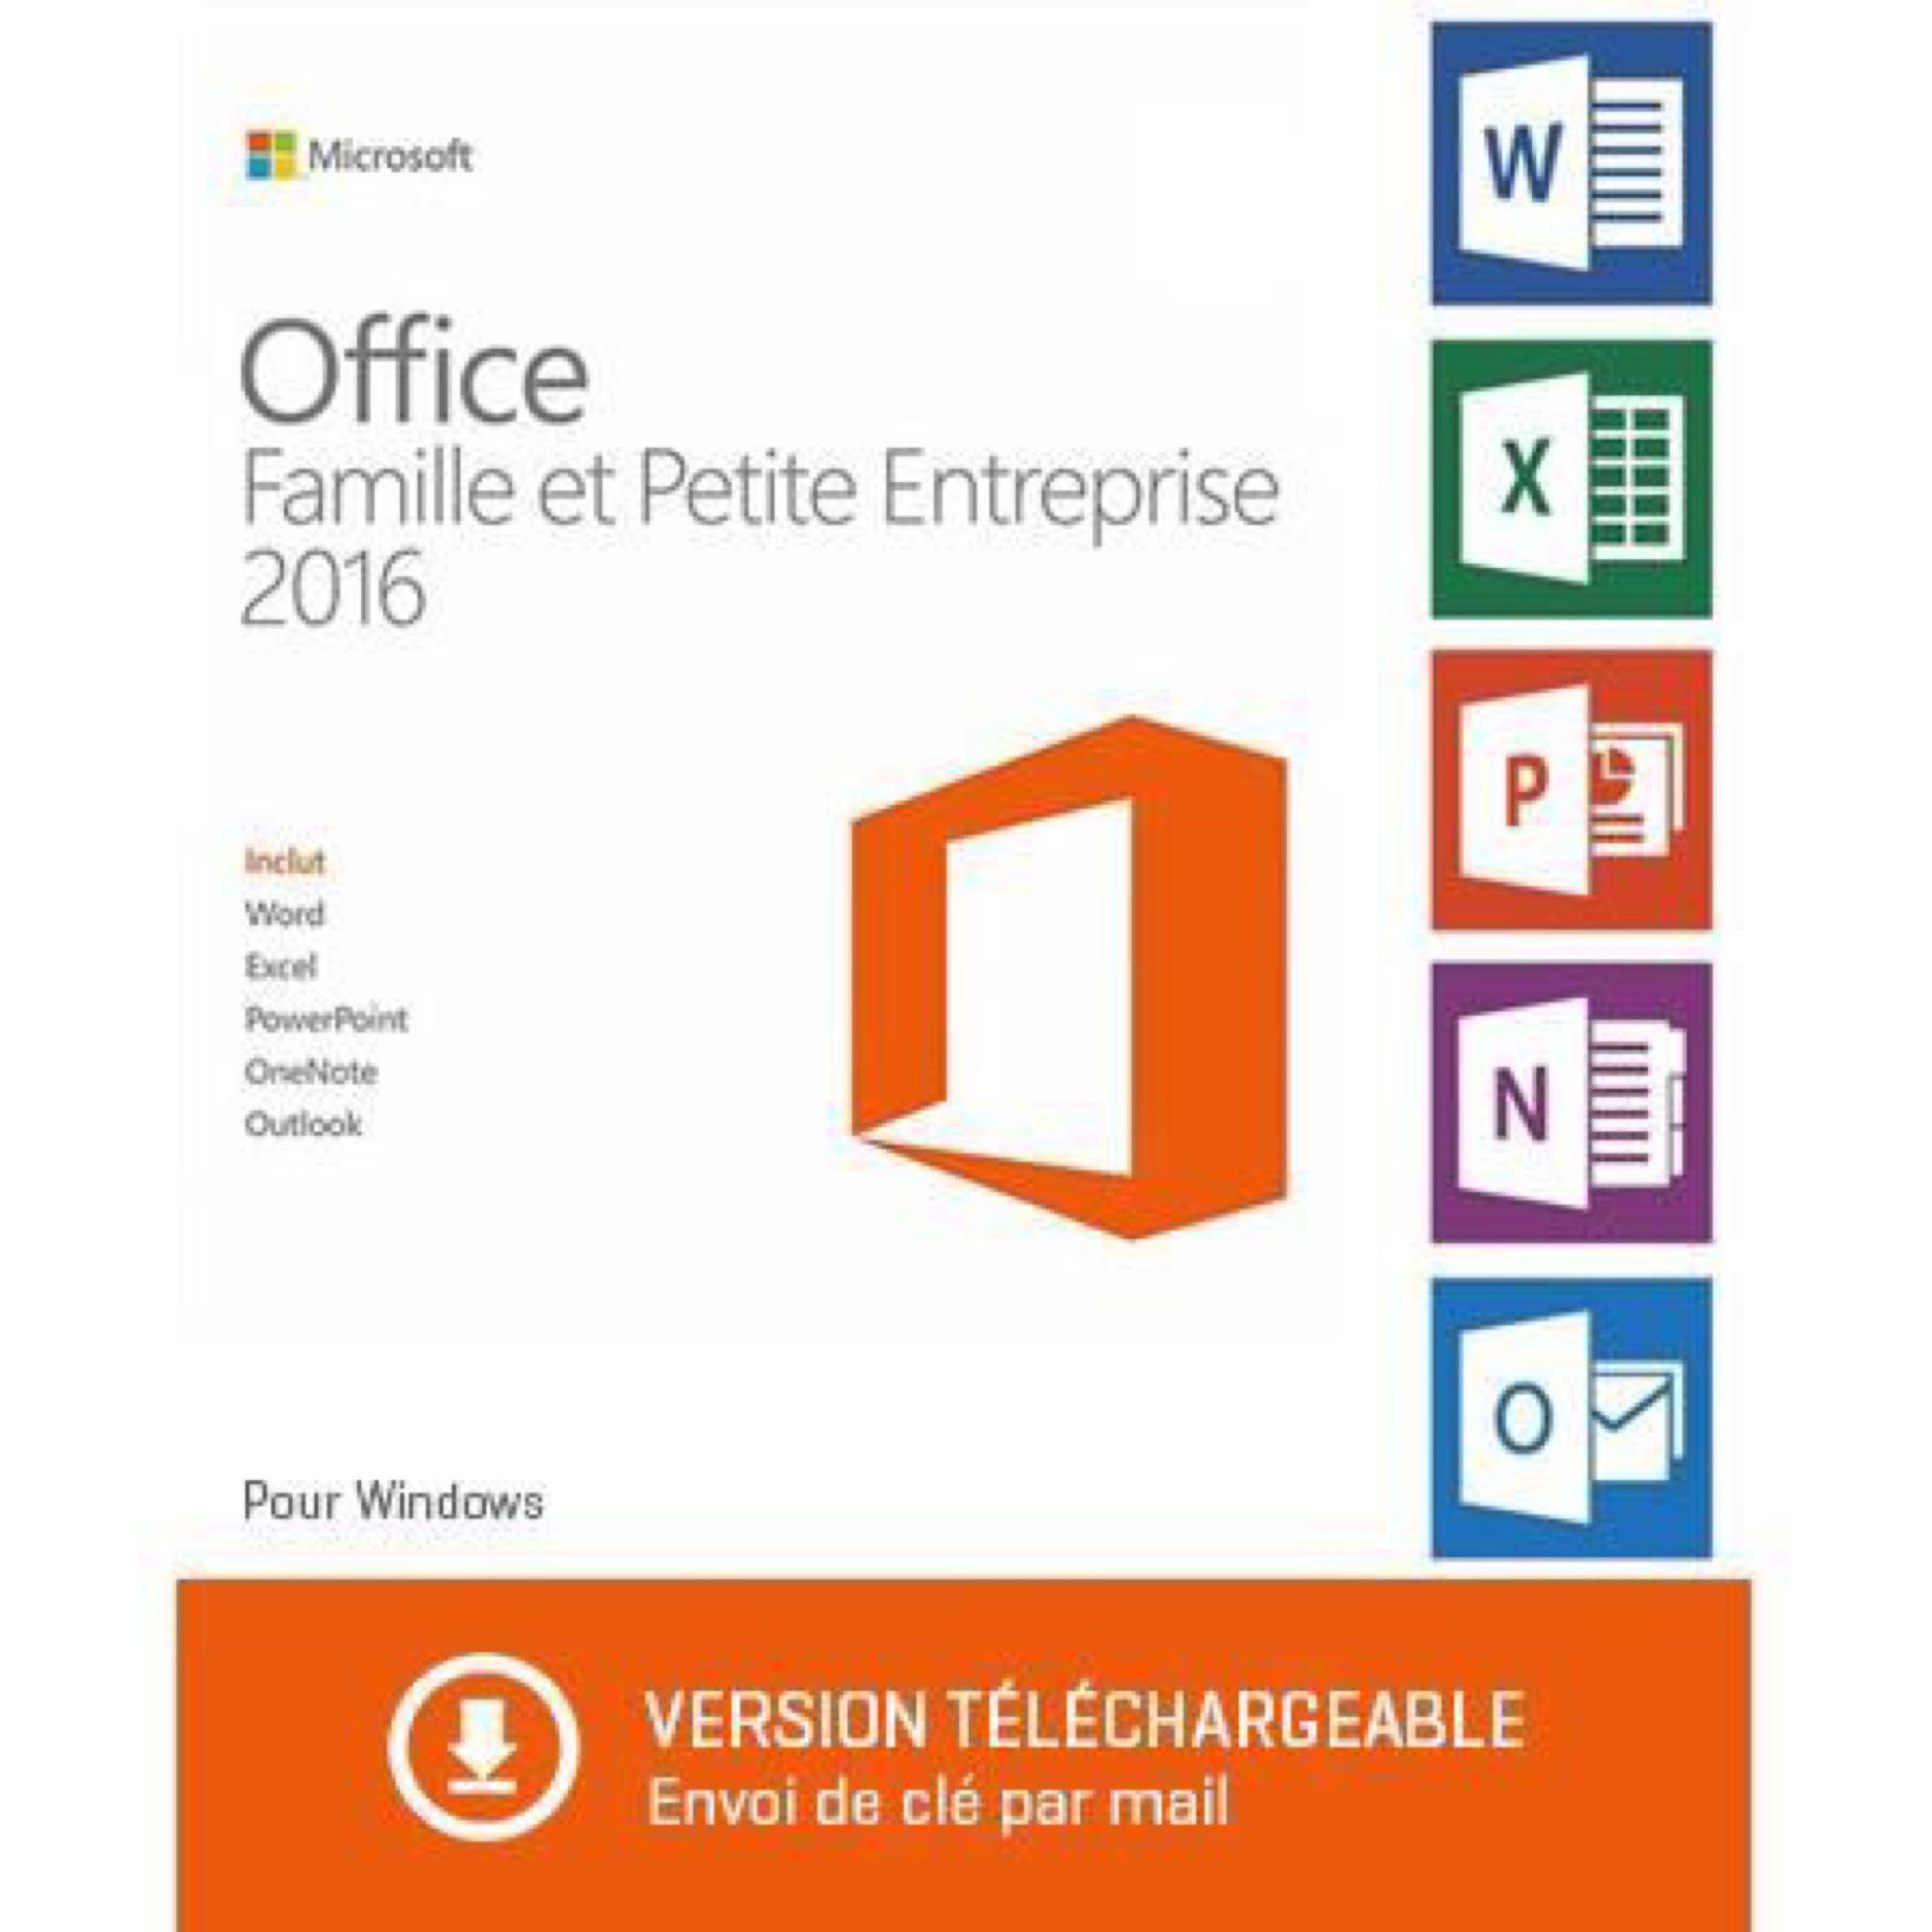 Office 2016 famille et petite entreprise achat et vente - Cle activation office 2010 famille et petite entreprise ...